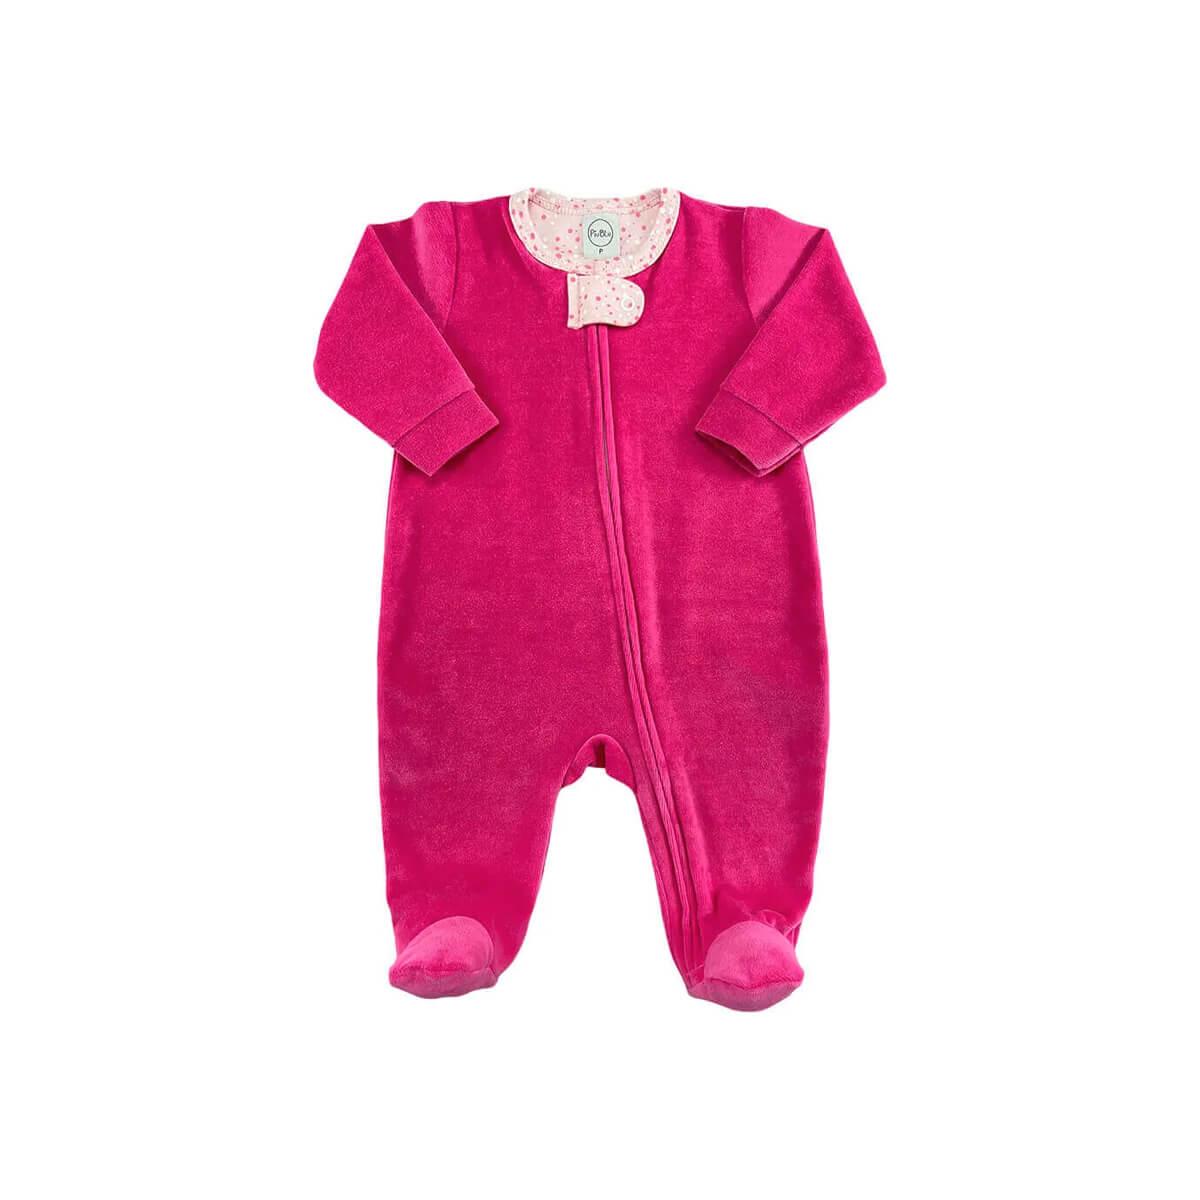 Macacão Plush Zíper Pink Bolinhas Branco e Chiclete - Tamanhos RN e P com pezinho; M, G e XG sem pezinho  - Piu Blu